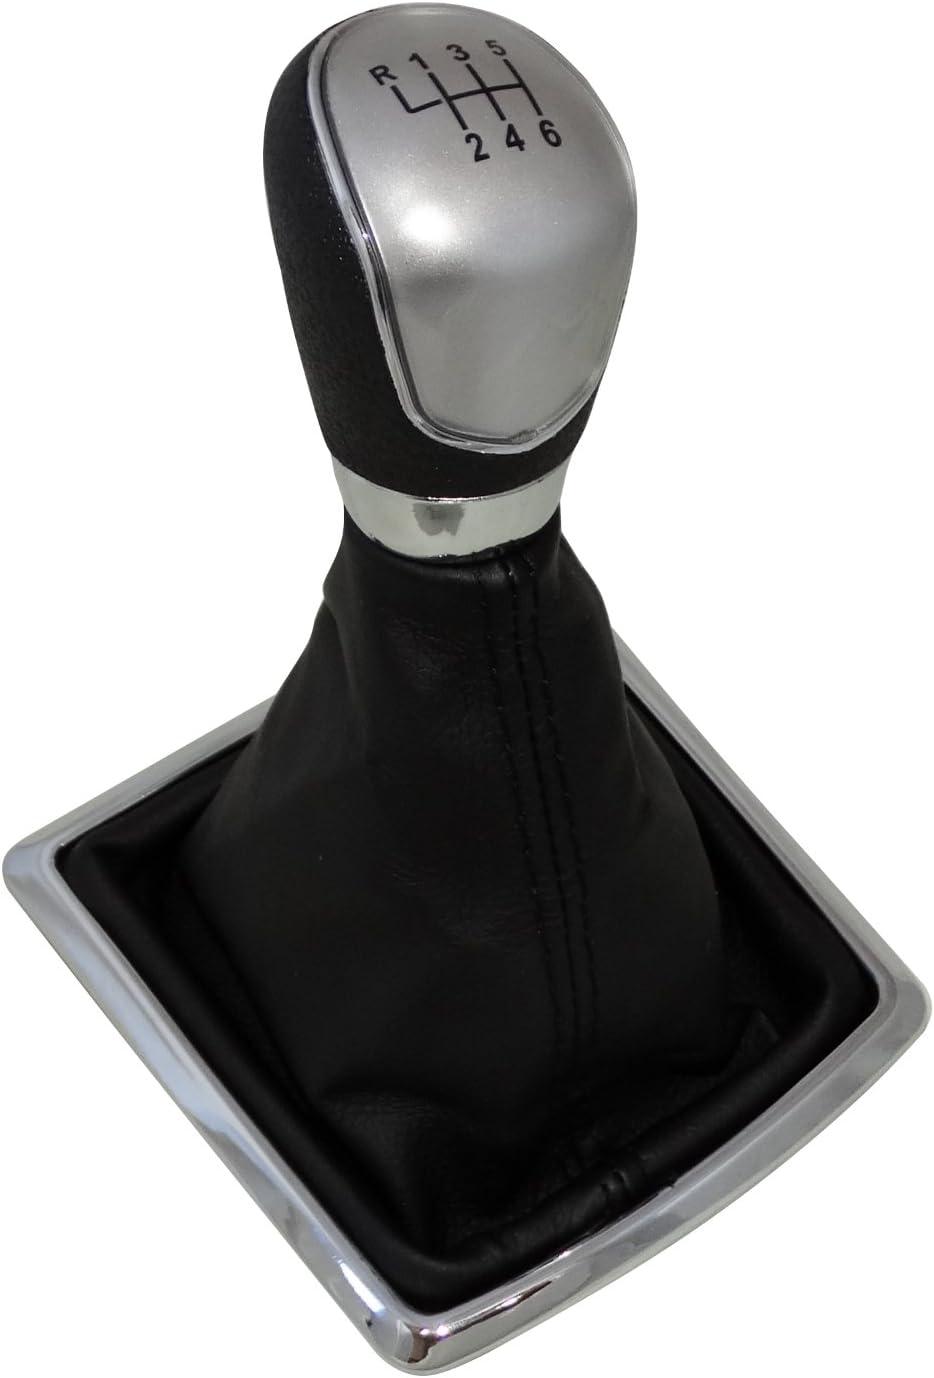 AERZETIX Pommeau de levier de vitesse avec 6 vitesses pour auto voiture